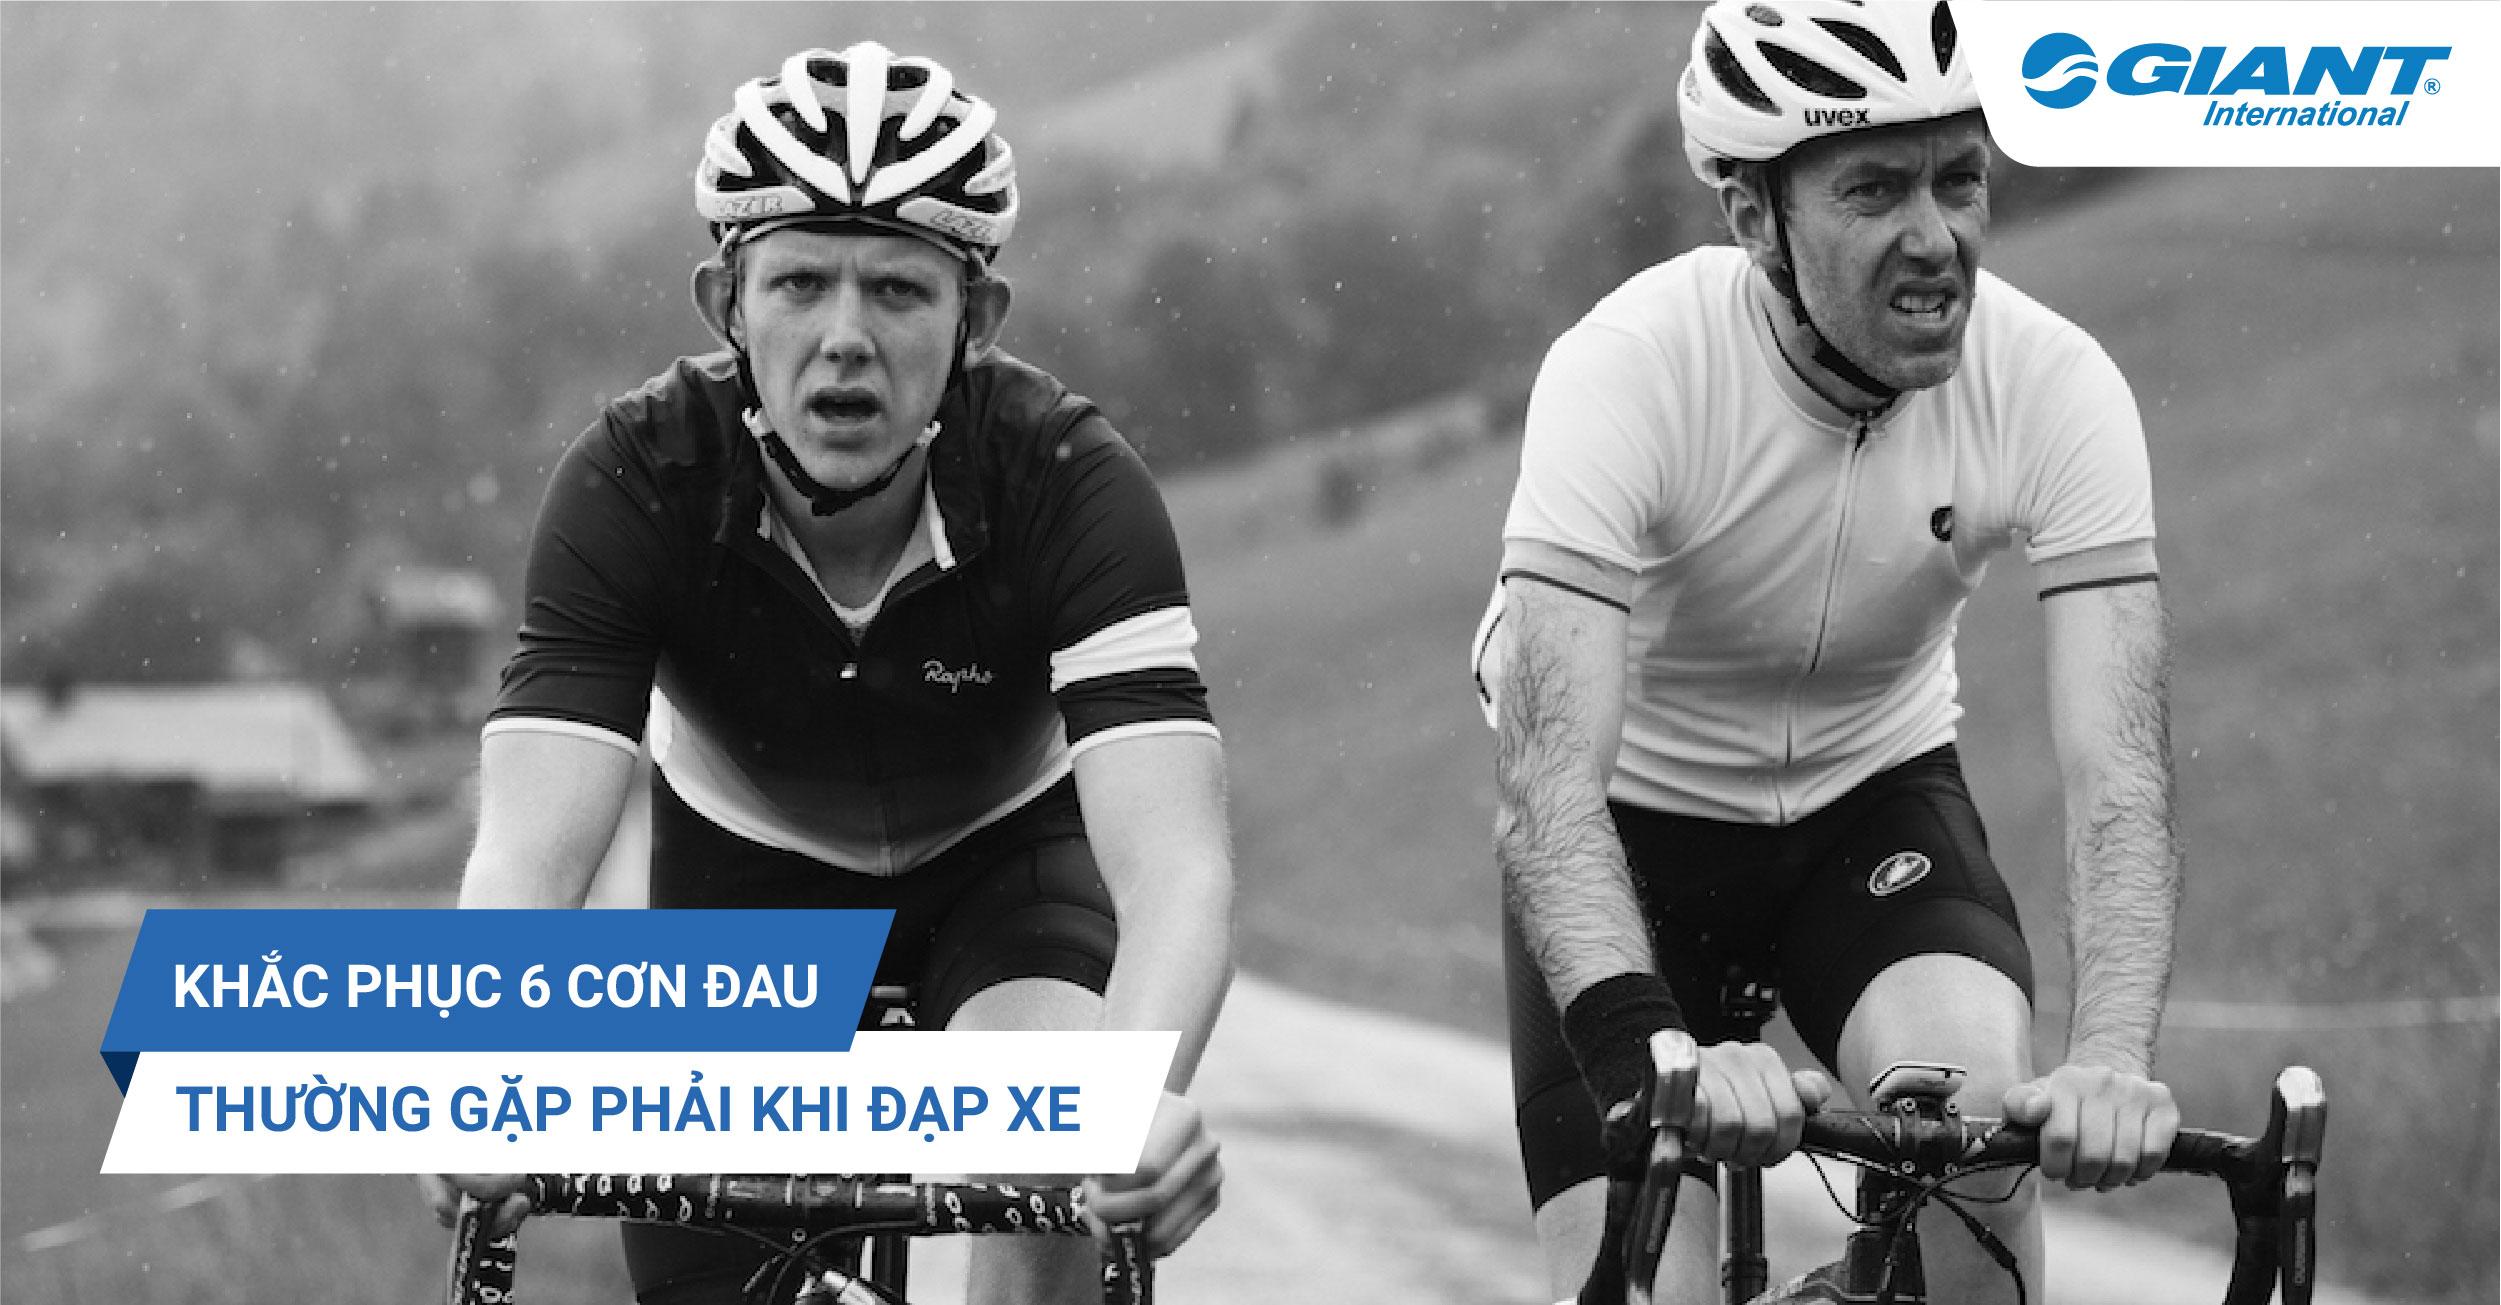 Khắc phục 6 cơn đau thường gặp khi đạp xe!